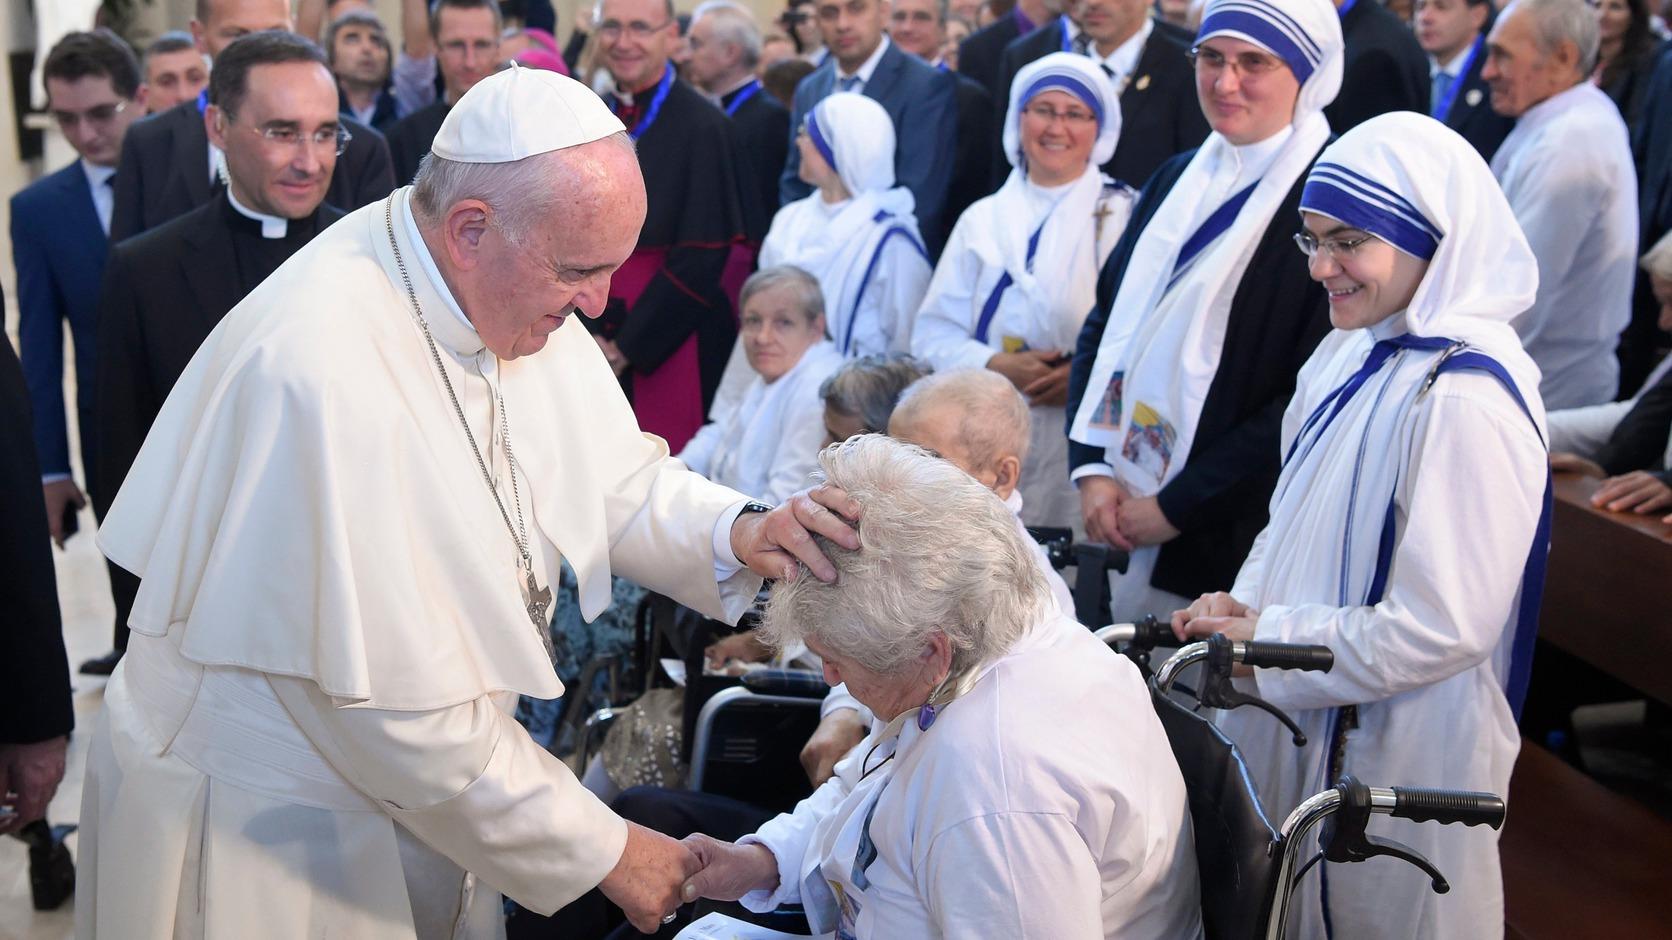 Baku, 2016. október 2. Ferenc pápa (b) megáld egy hívet a Kalkuttai Teréz anya által alapított Szeretet Misszionáriusai rendház apácái mellett a bakui Szeplőtelen Szűz templomban tartott miséjén 2016. október 2-án. A katolikus egyházfő egynapos látogatáson tartózkodik Azerbajdzsánban. (MTI/AP pool/L'Osservatore Romano)